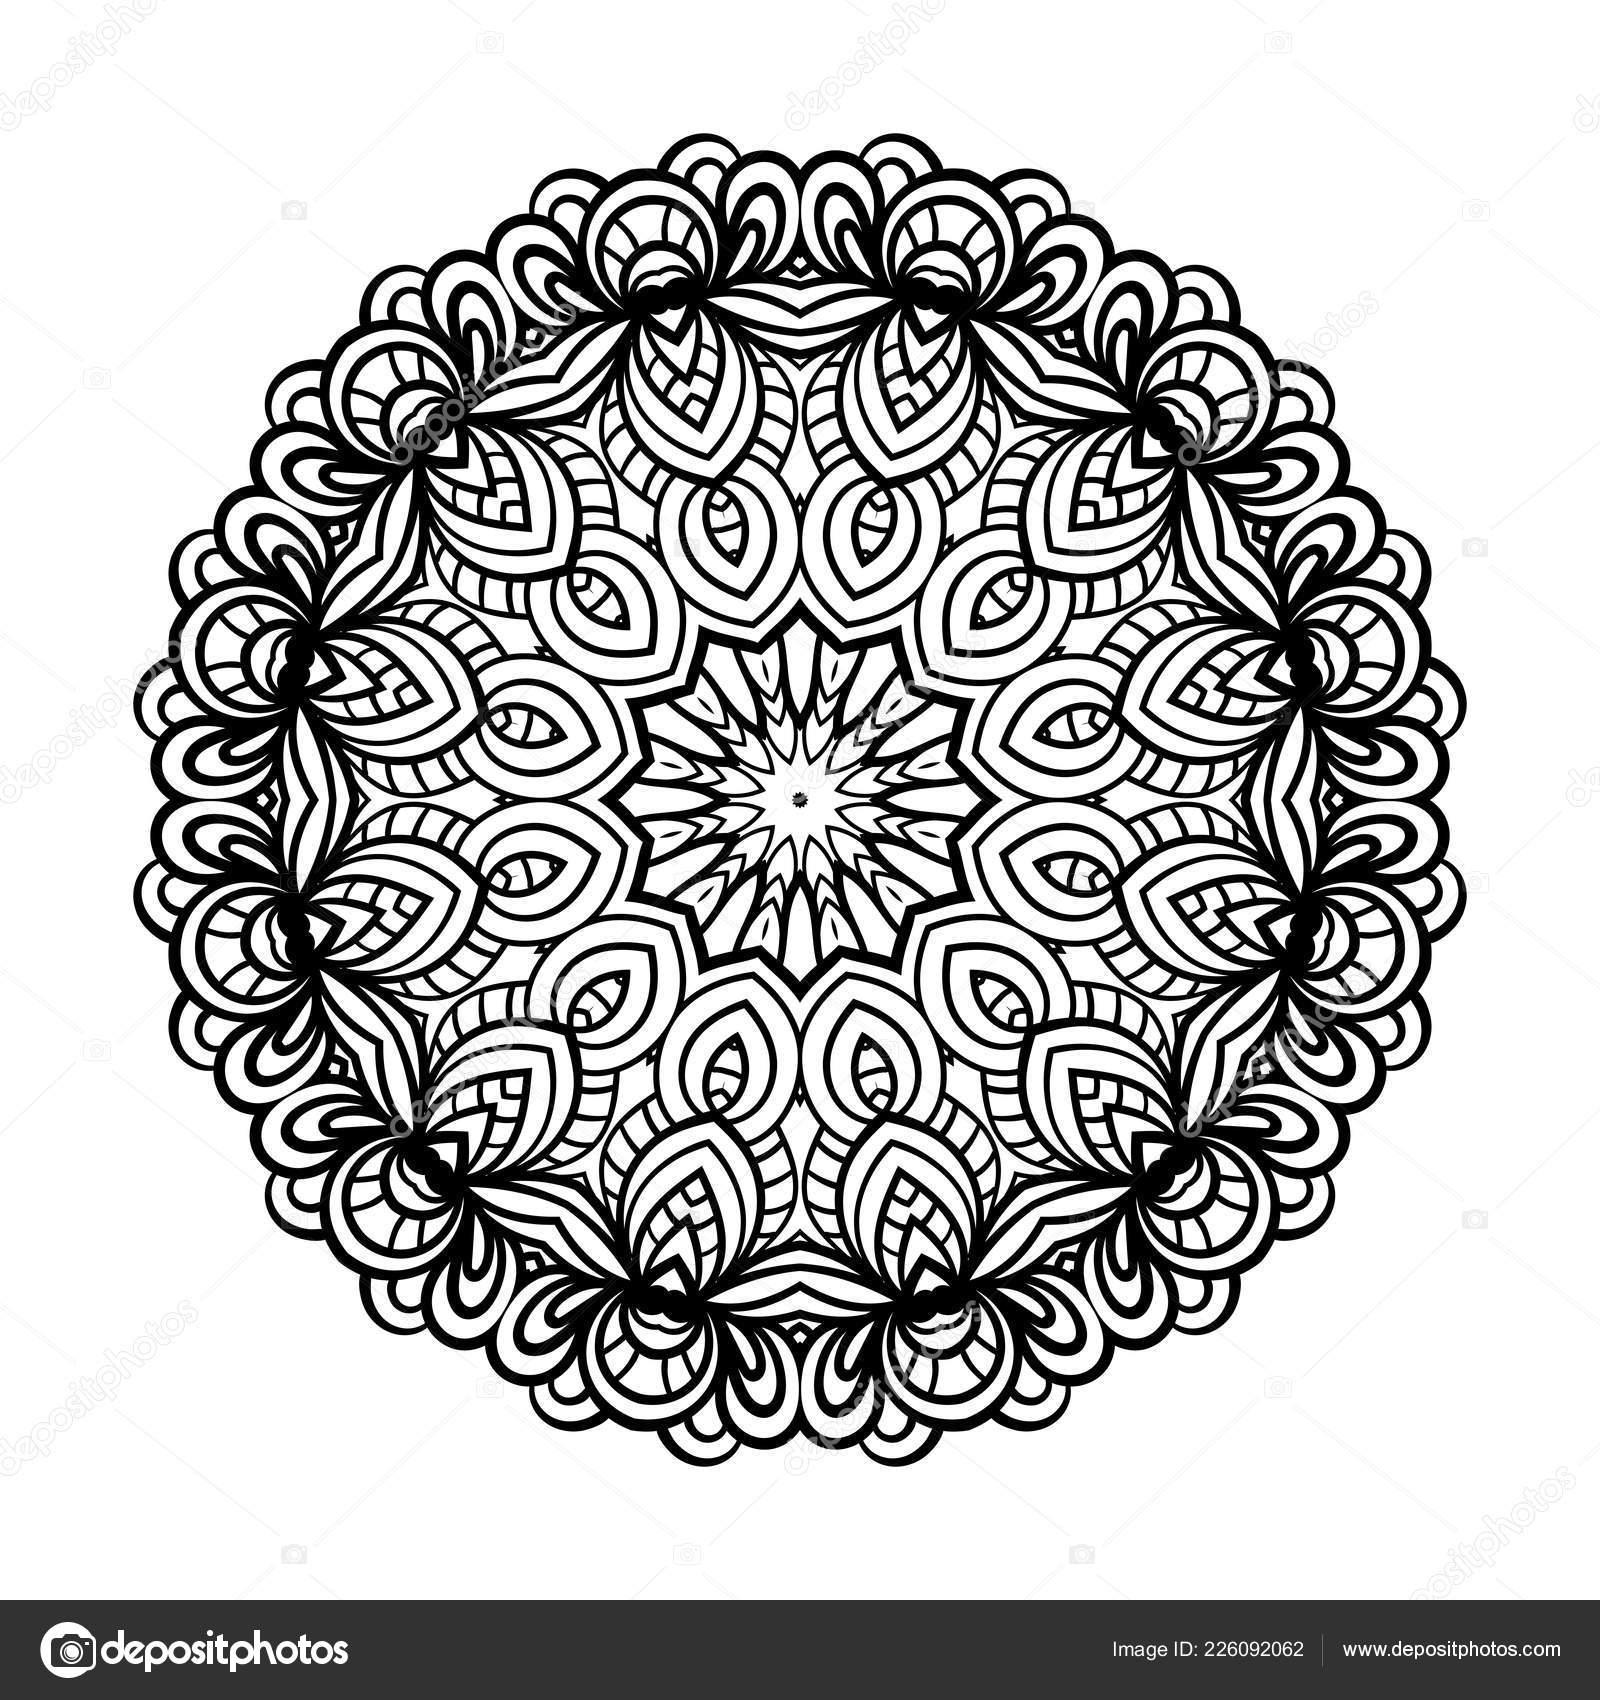 Coloriage Adulte Vecteur De Mandala Image Vectorielle